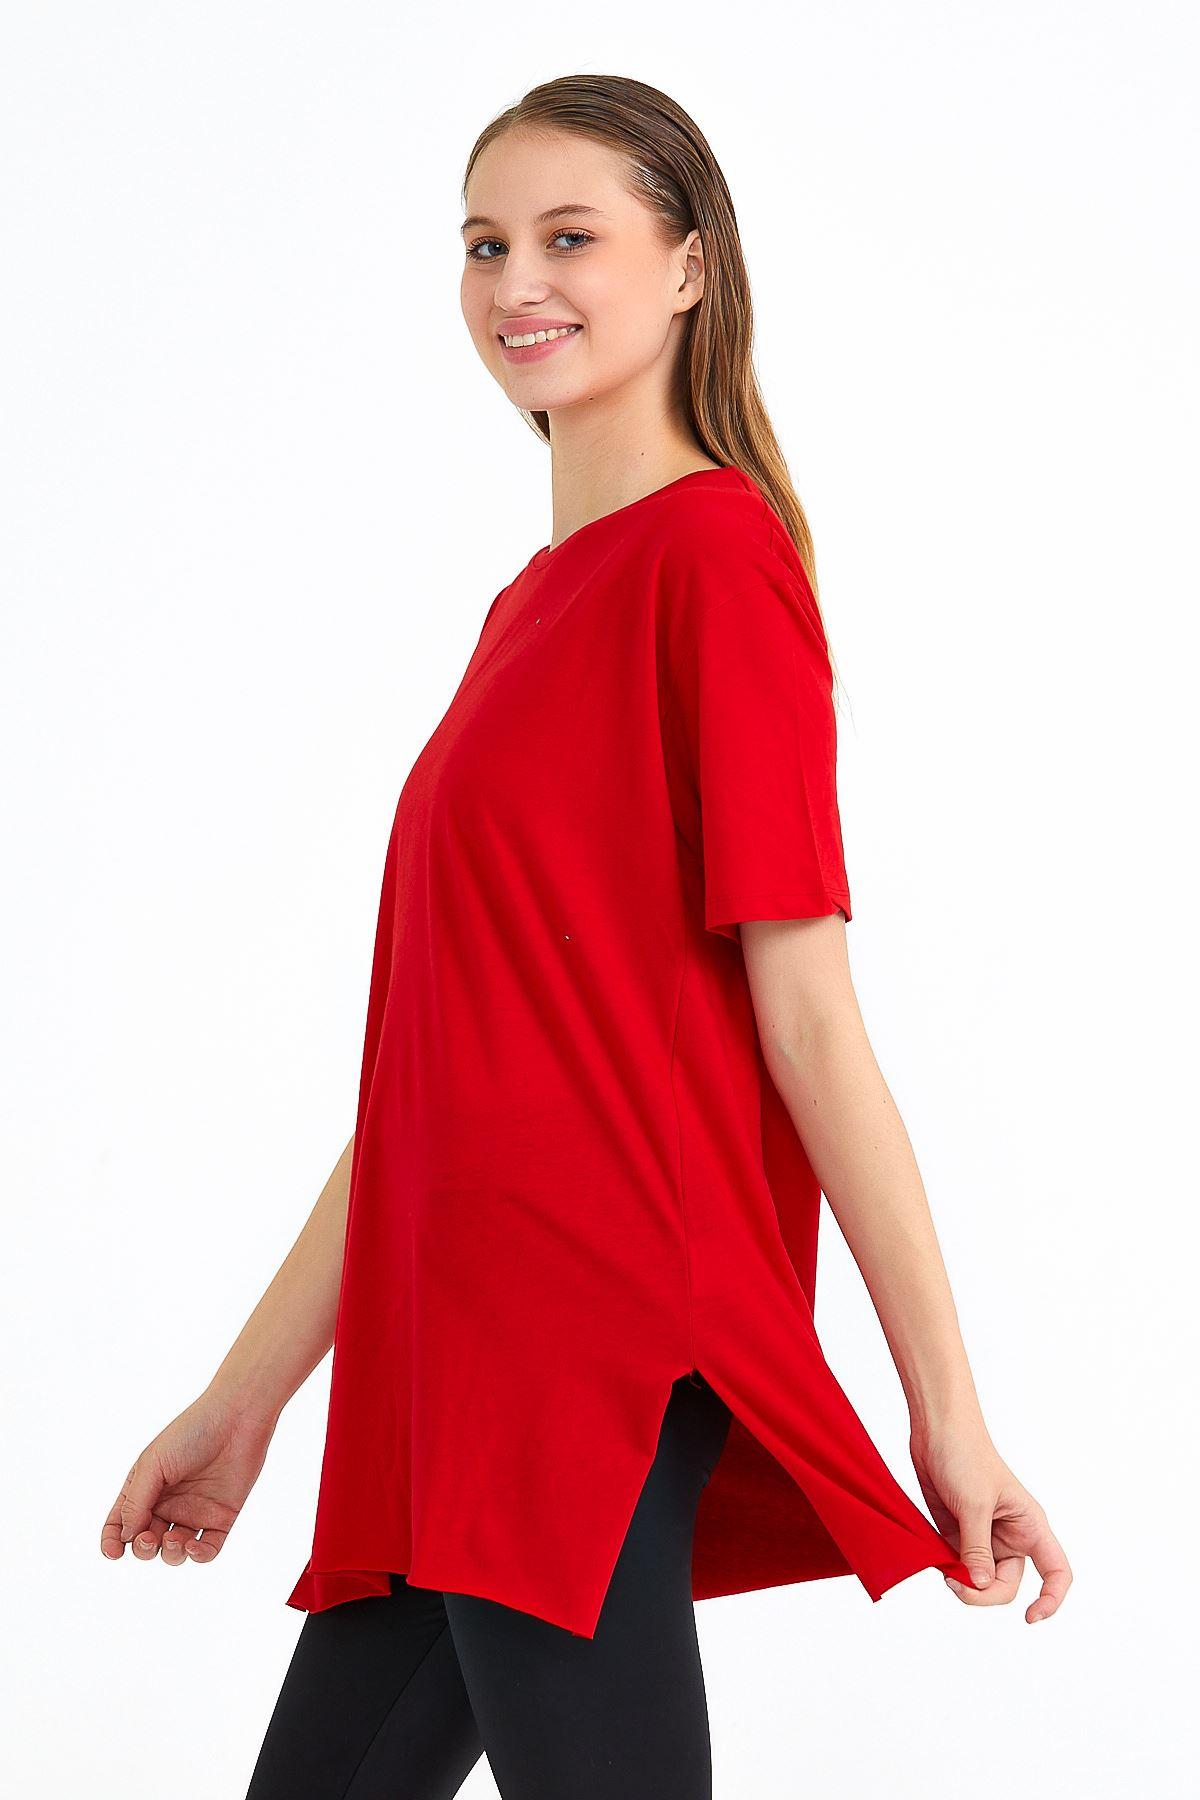 Kadın Bisiklet Yaka Yan Yırtmaçlı Kırmızı T-shırt